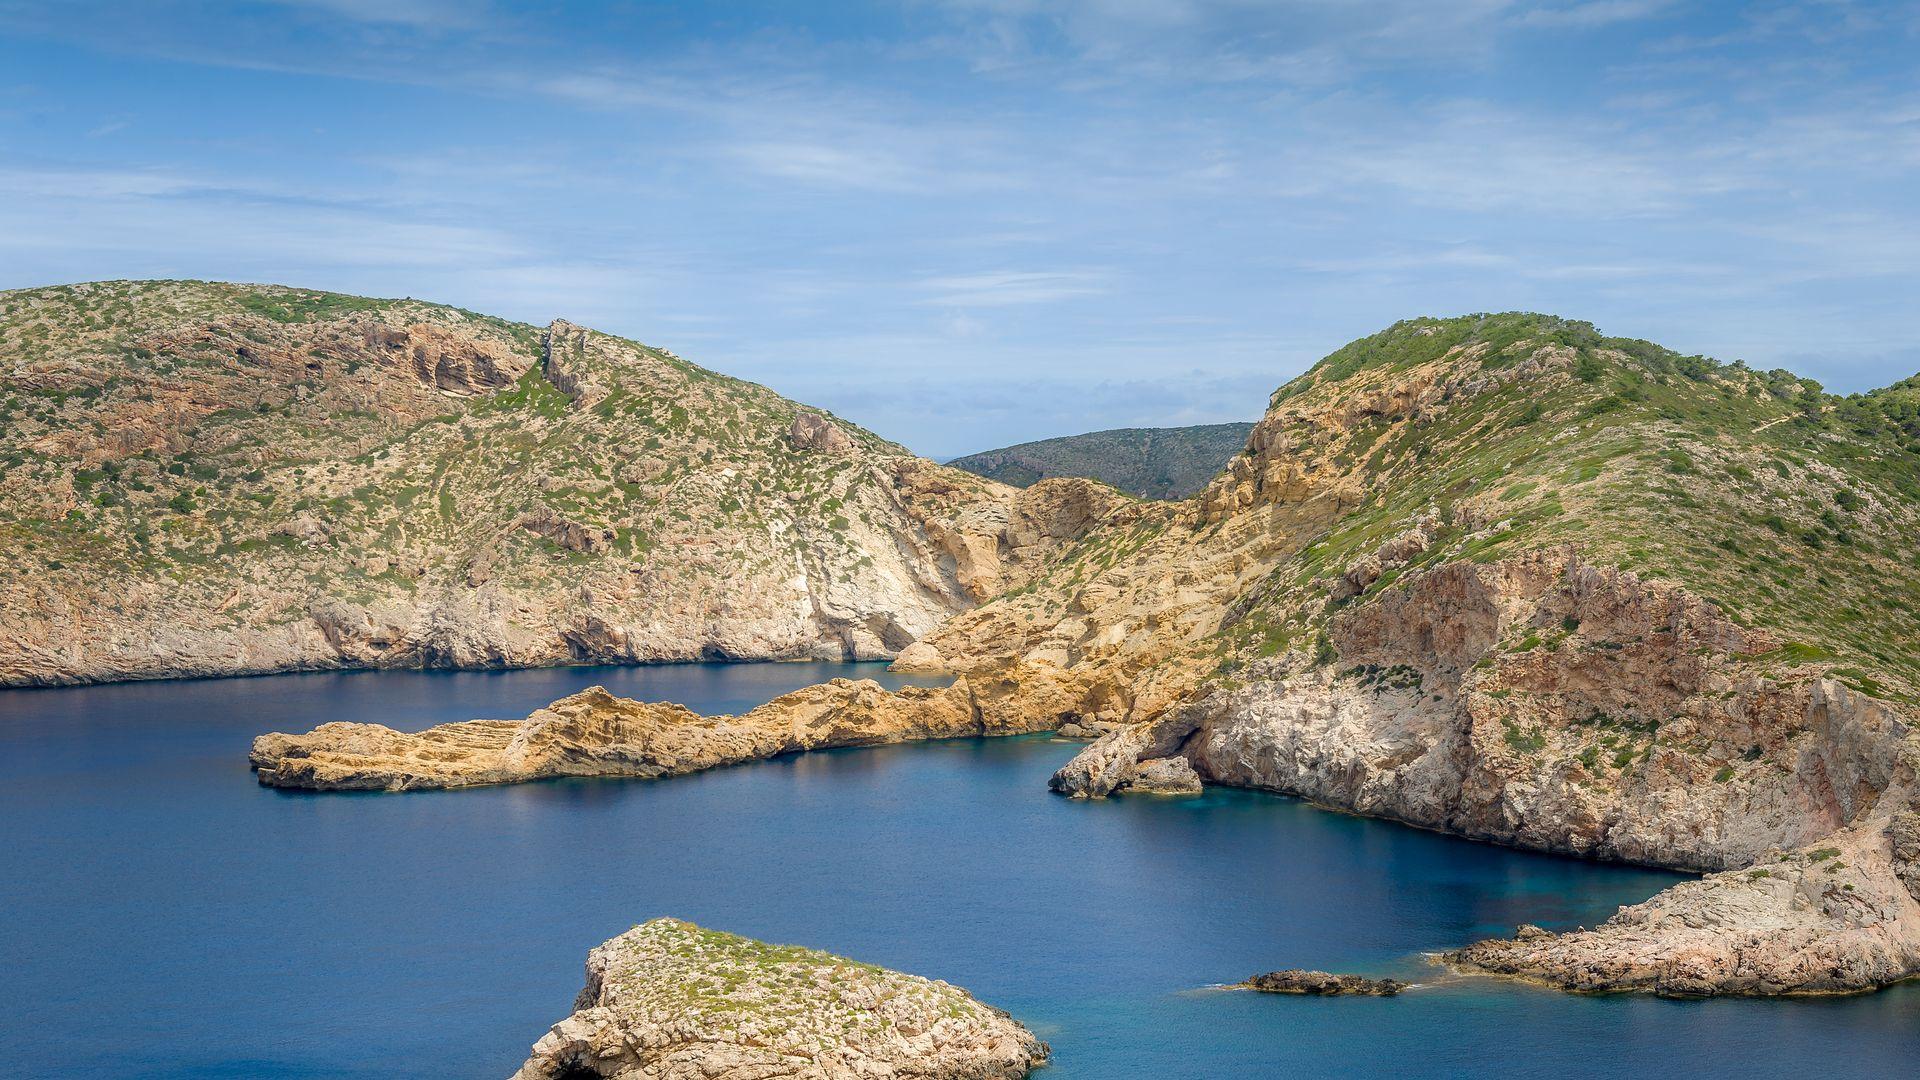 Parc nacional Marítimo-terrestre del archipiélago de Cabrera